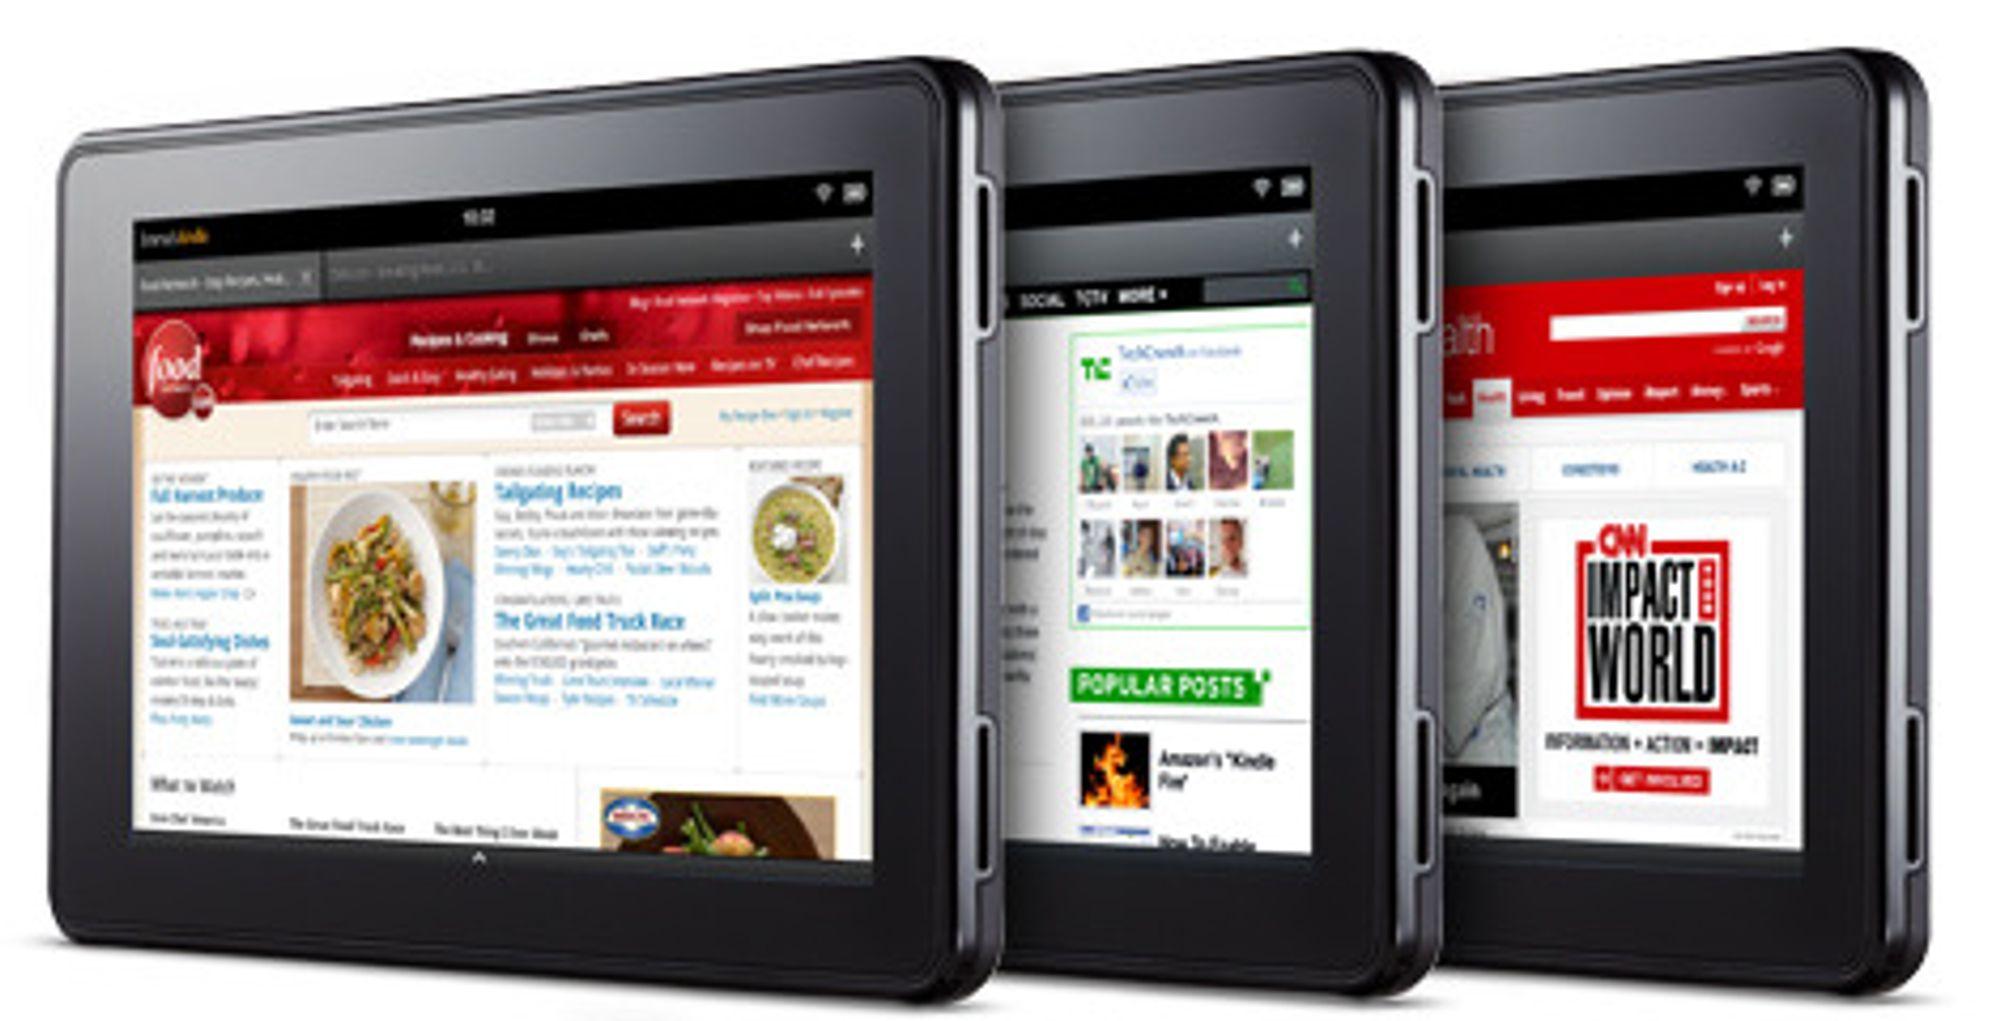 Kindle Fire er et nettbrett med sju tommers skjerm til 199 dollar, dvs rundt 1200 kroner.